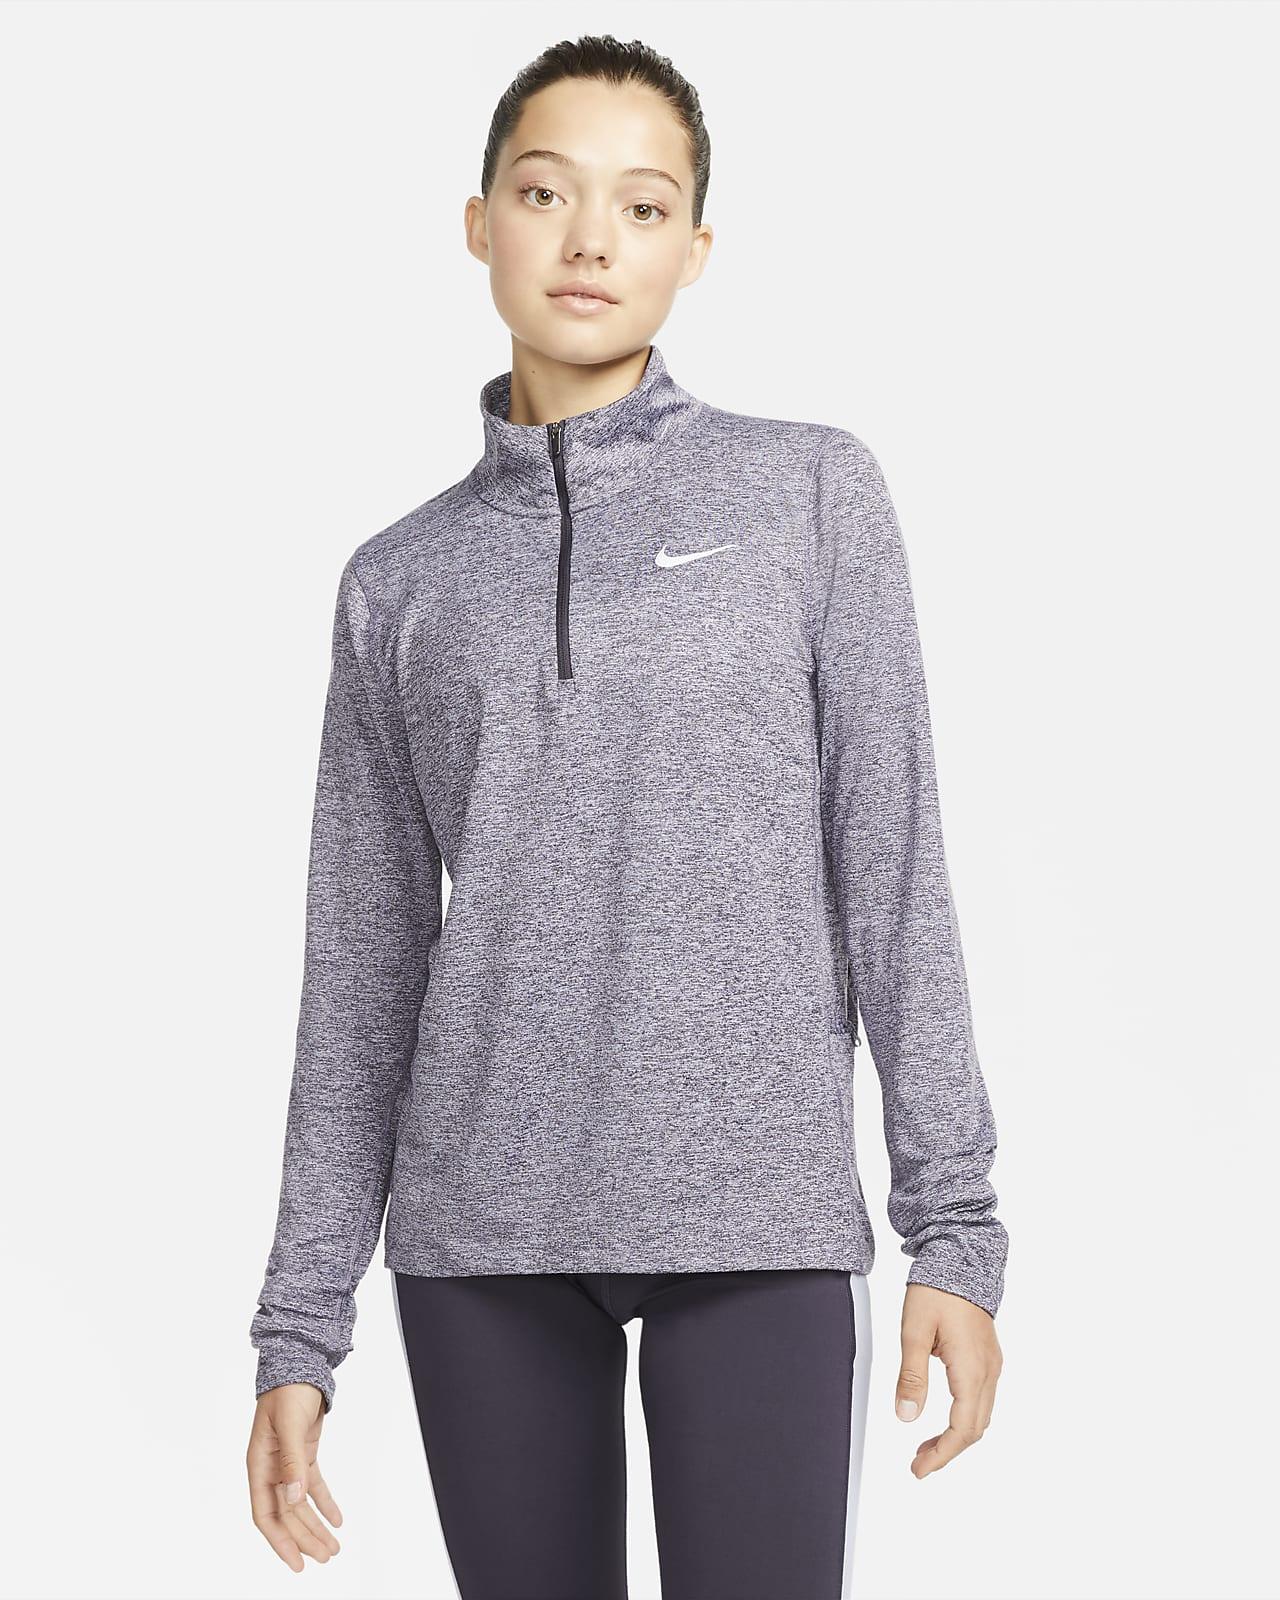 Löpartröja Nike med halv dragkedja för kvinnor